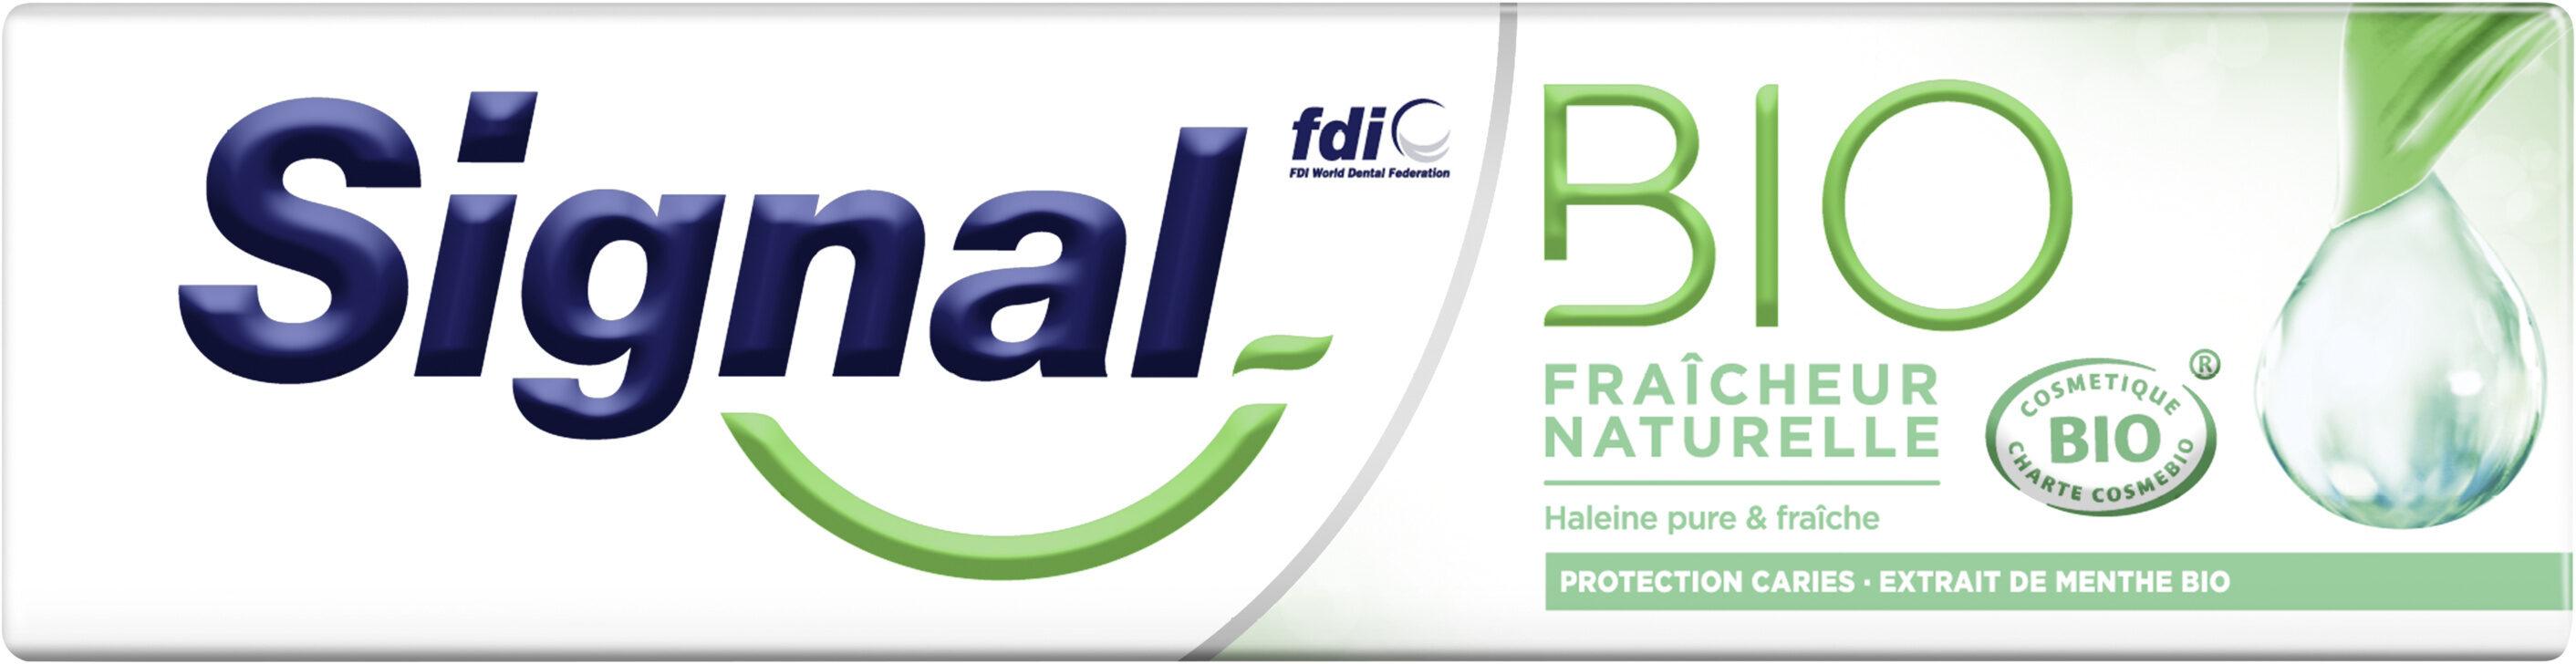 Signal Dentifrice Bio Fraîcheur Naturelle - Produit - fr